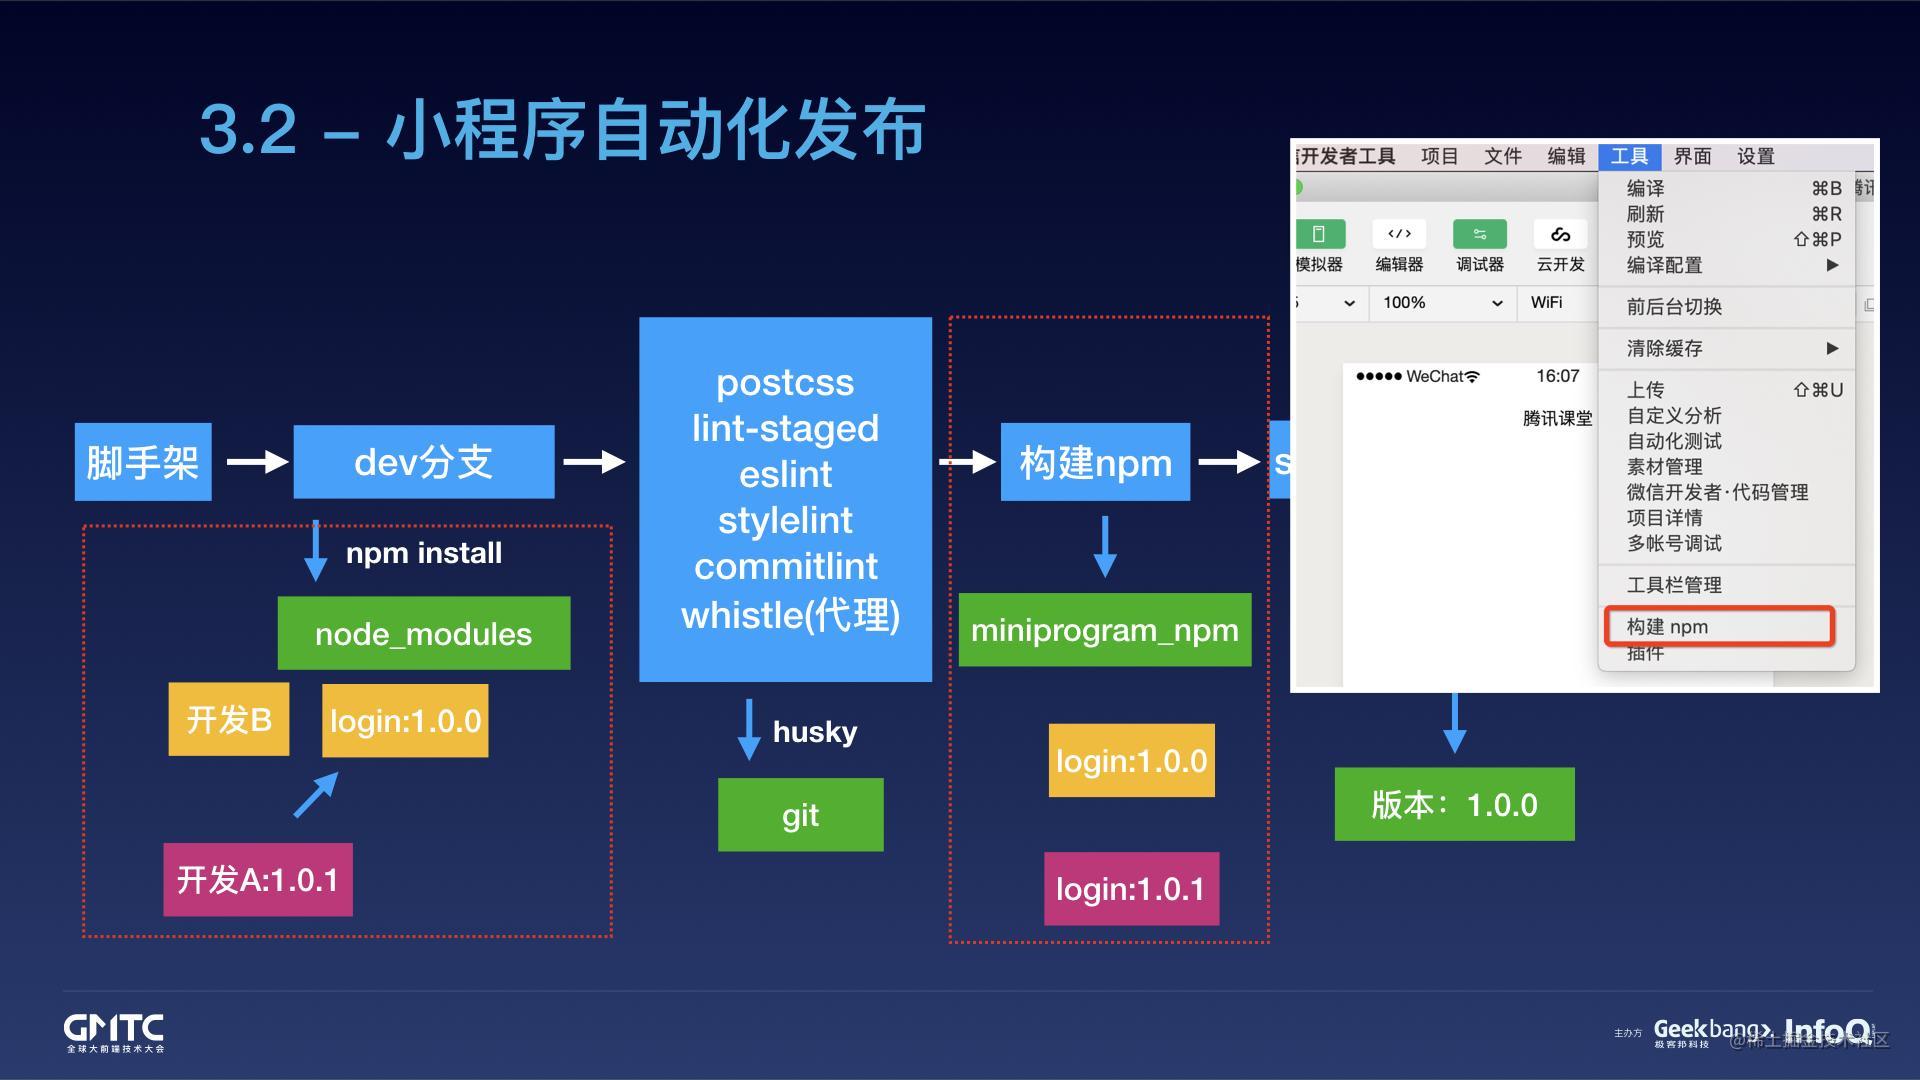 腾讯在线教育小程序开发实践之路.054.jpeg